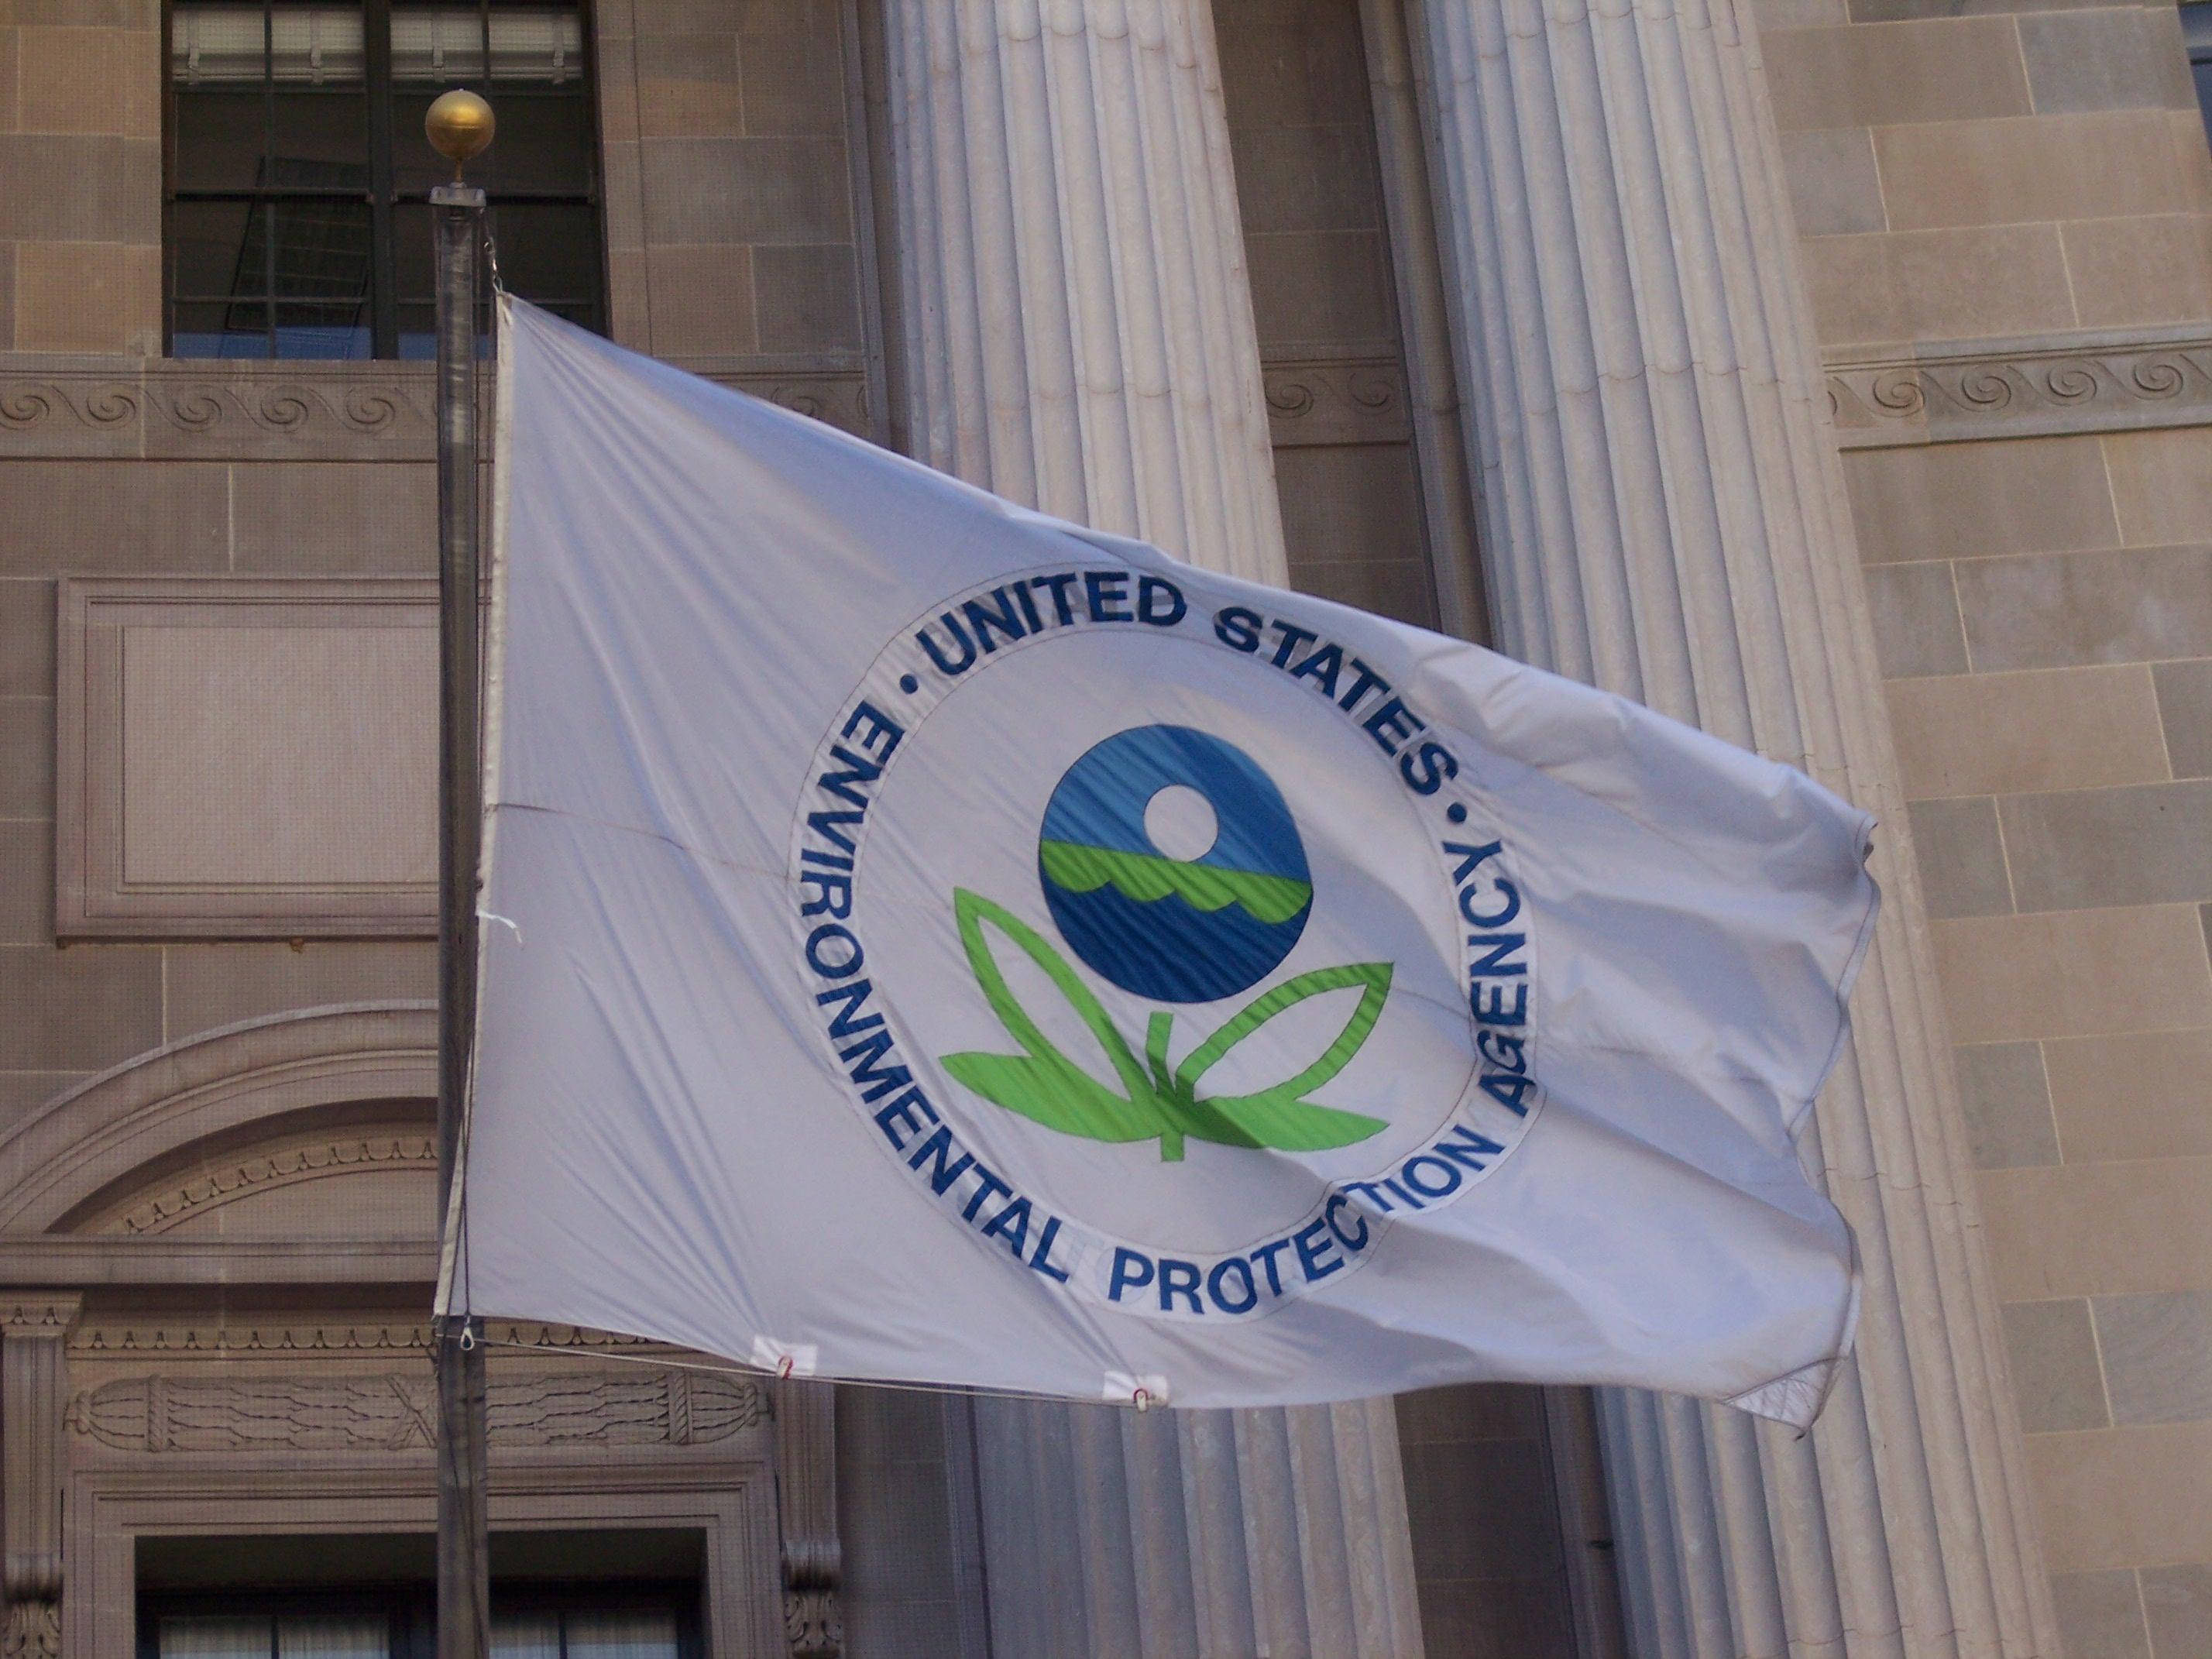 A Agência de Proteção Ambiental dos Estados Unidos terá um corte de 31% no orçamento. Foto: Paul A. Fagan/Flickr.